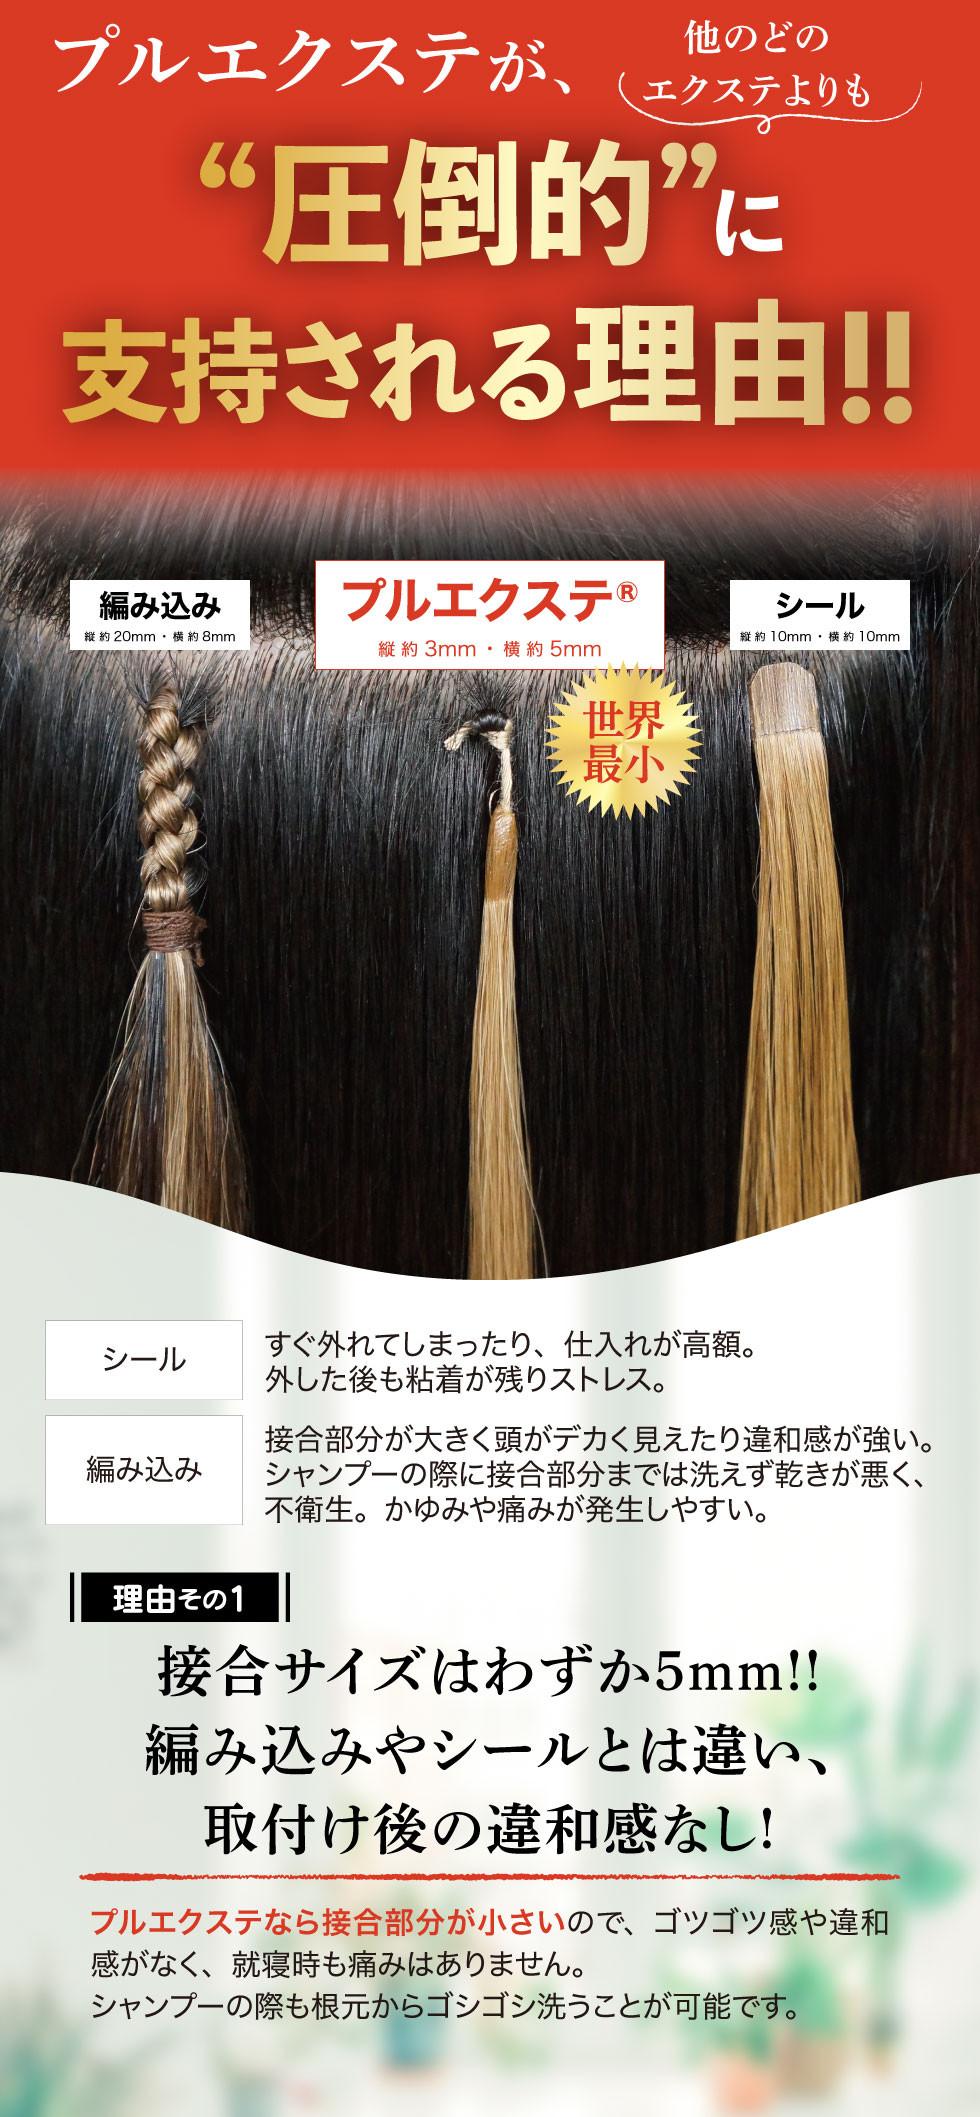 2005_事例広告LP_08.jpg